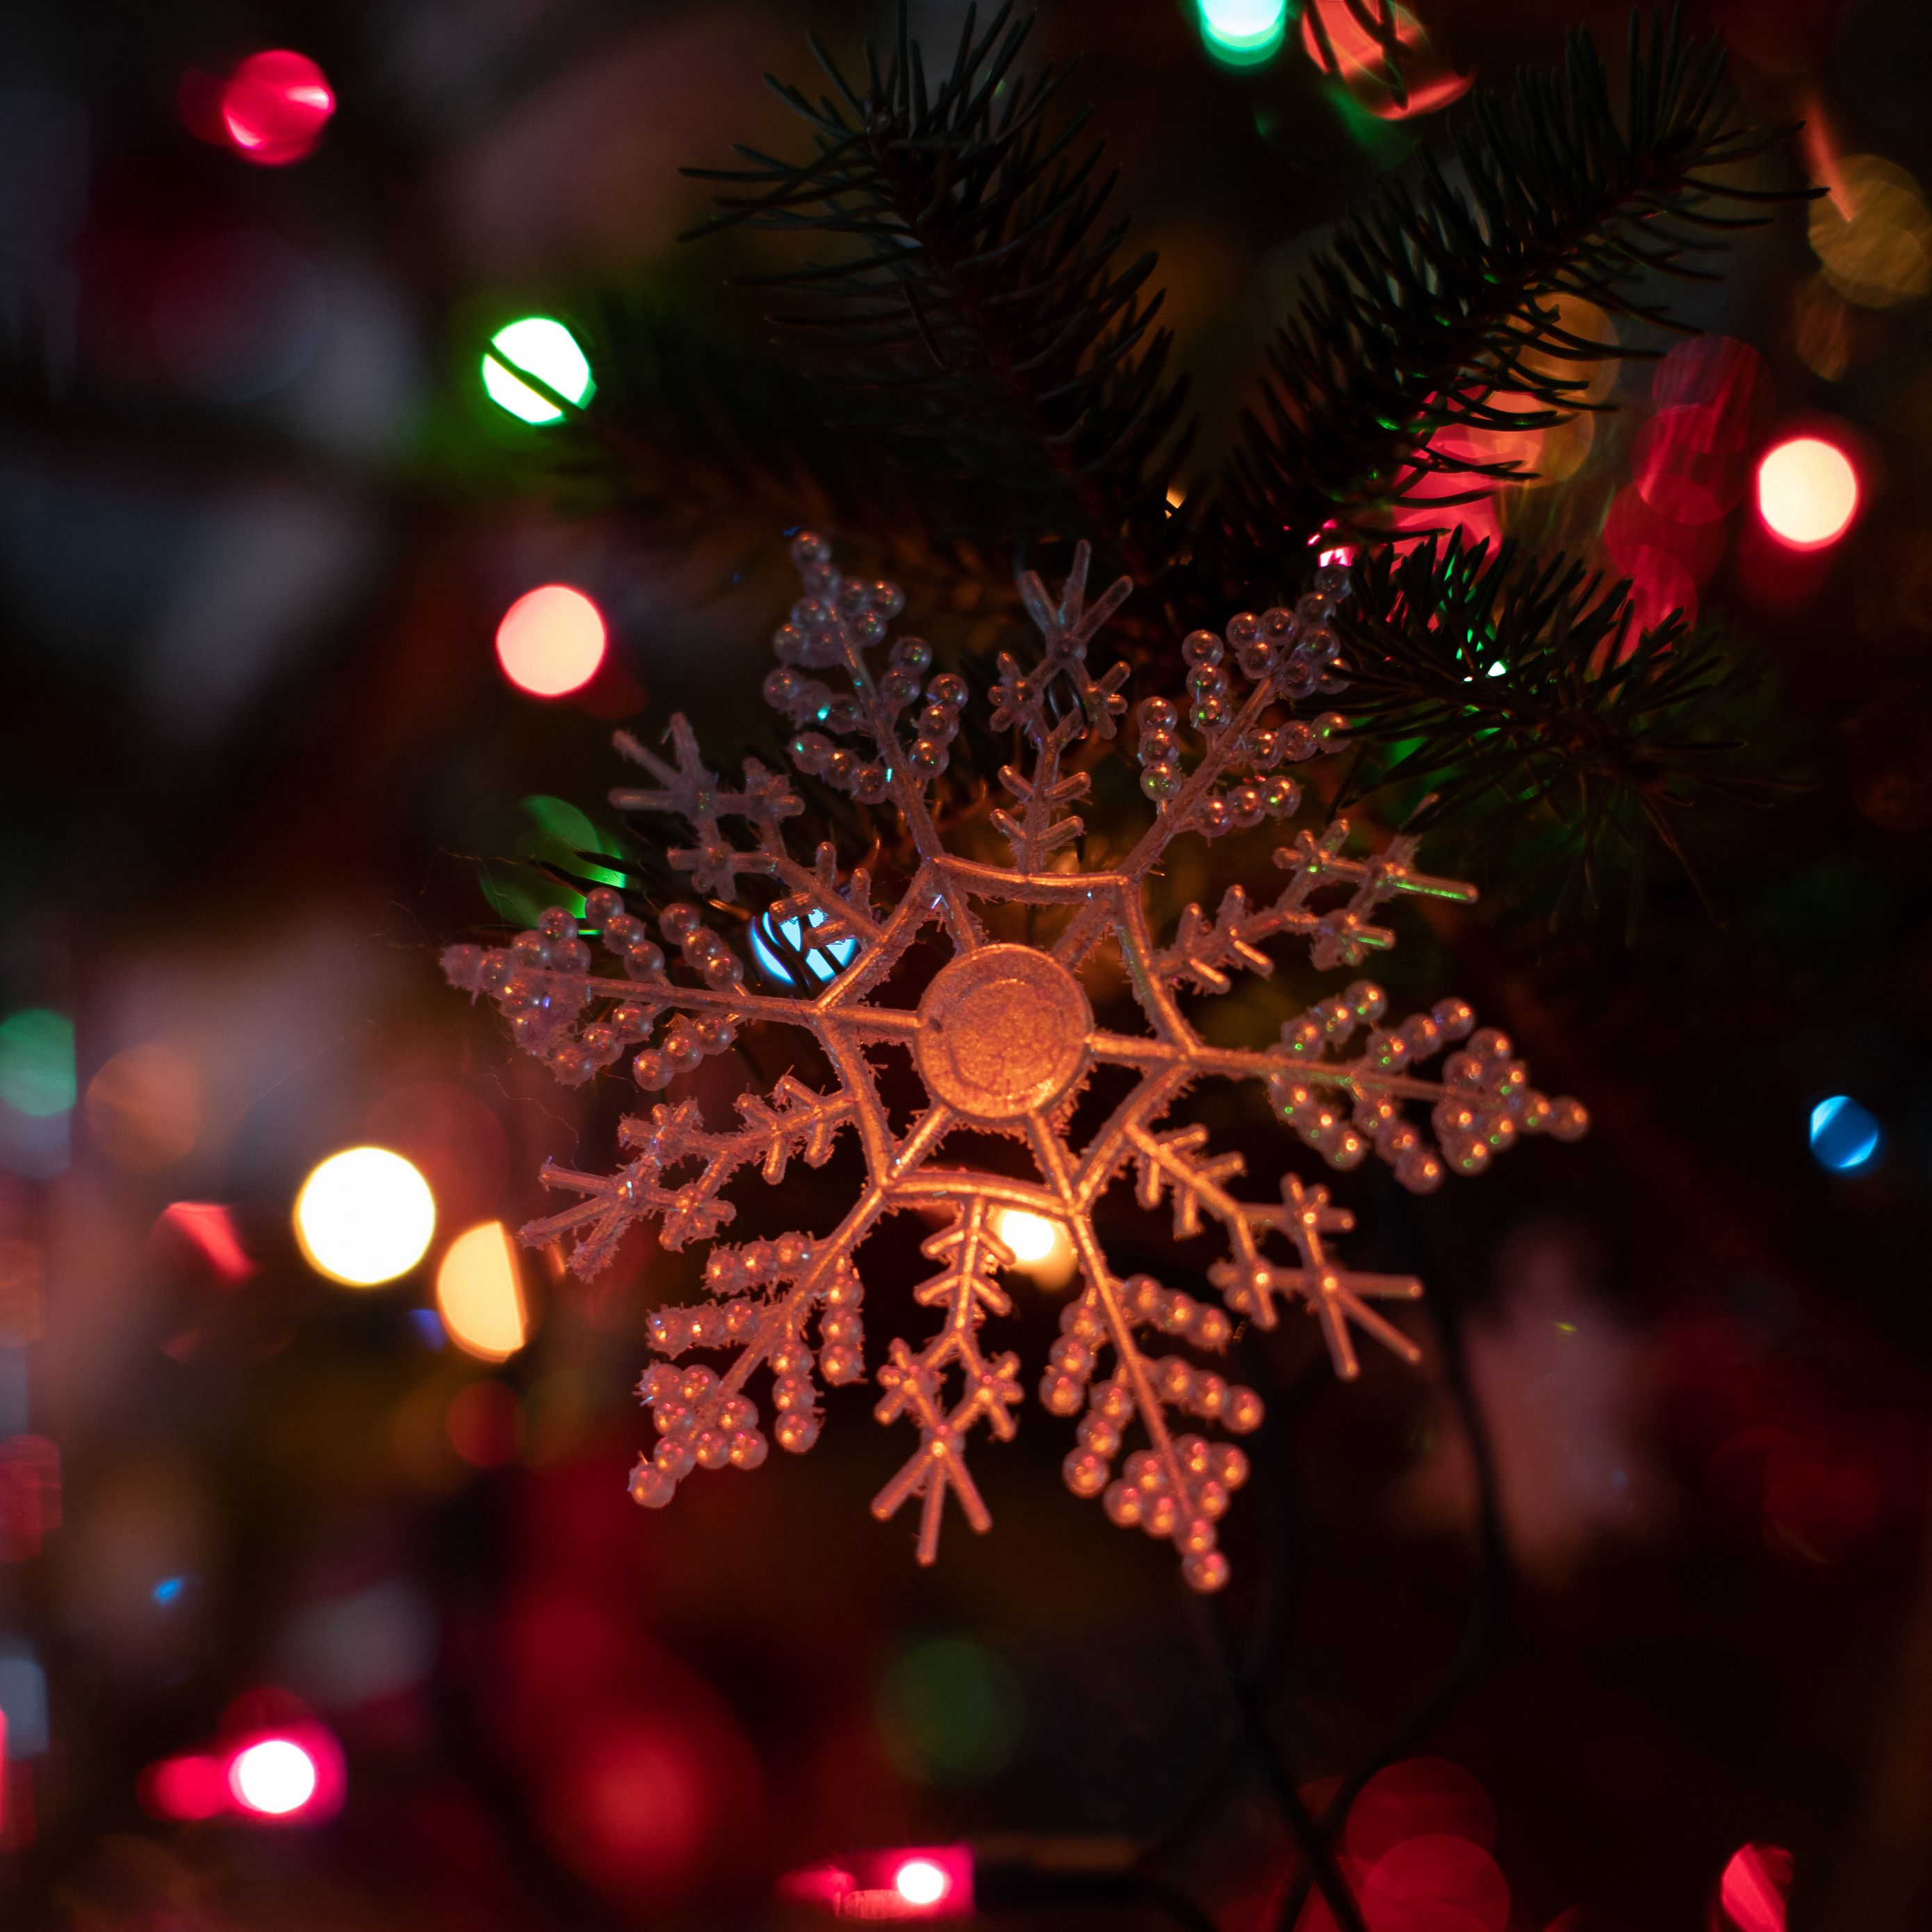 2780x2780 Обои снежинка, гирлянда, новый год, рождество, елочная игрушка